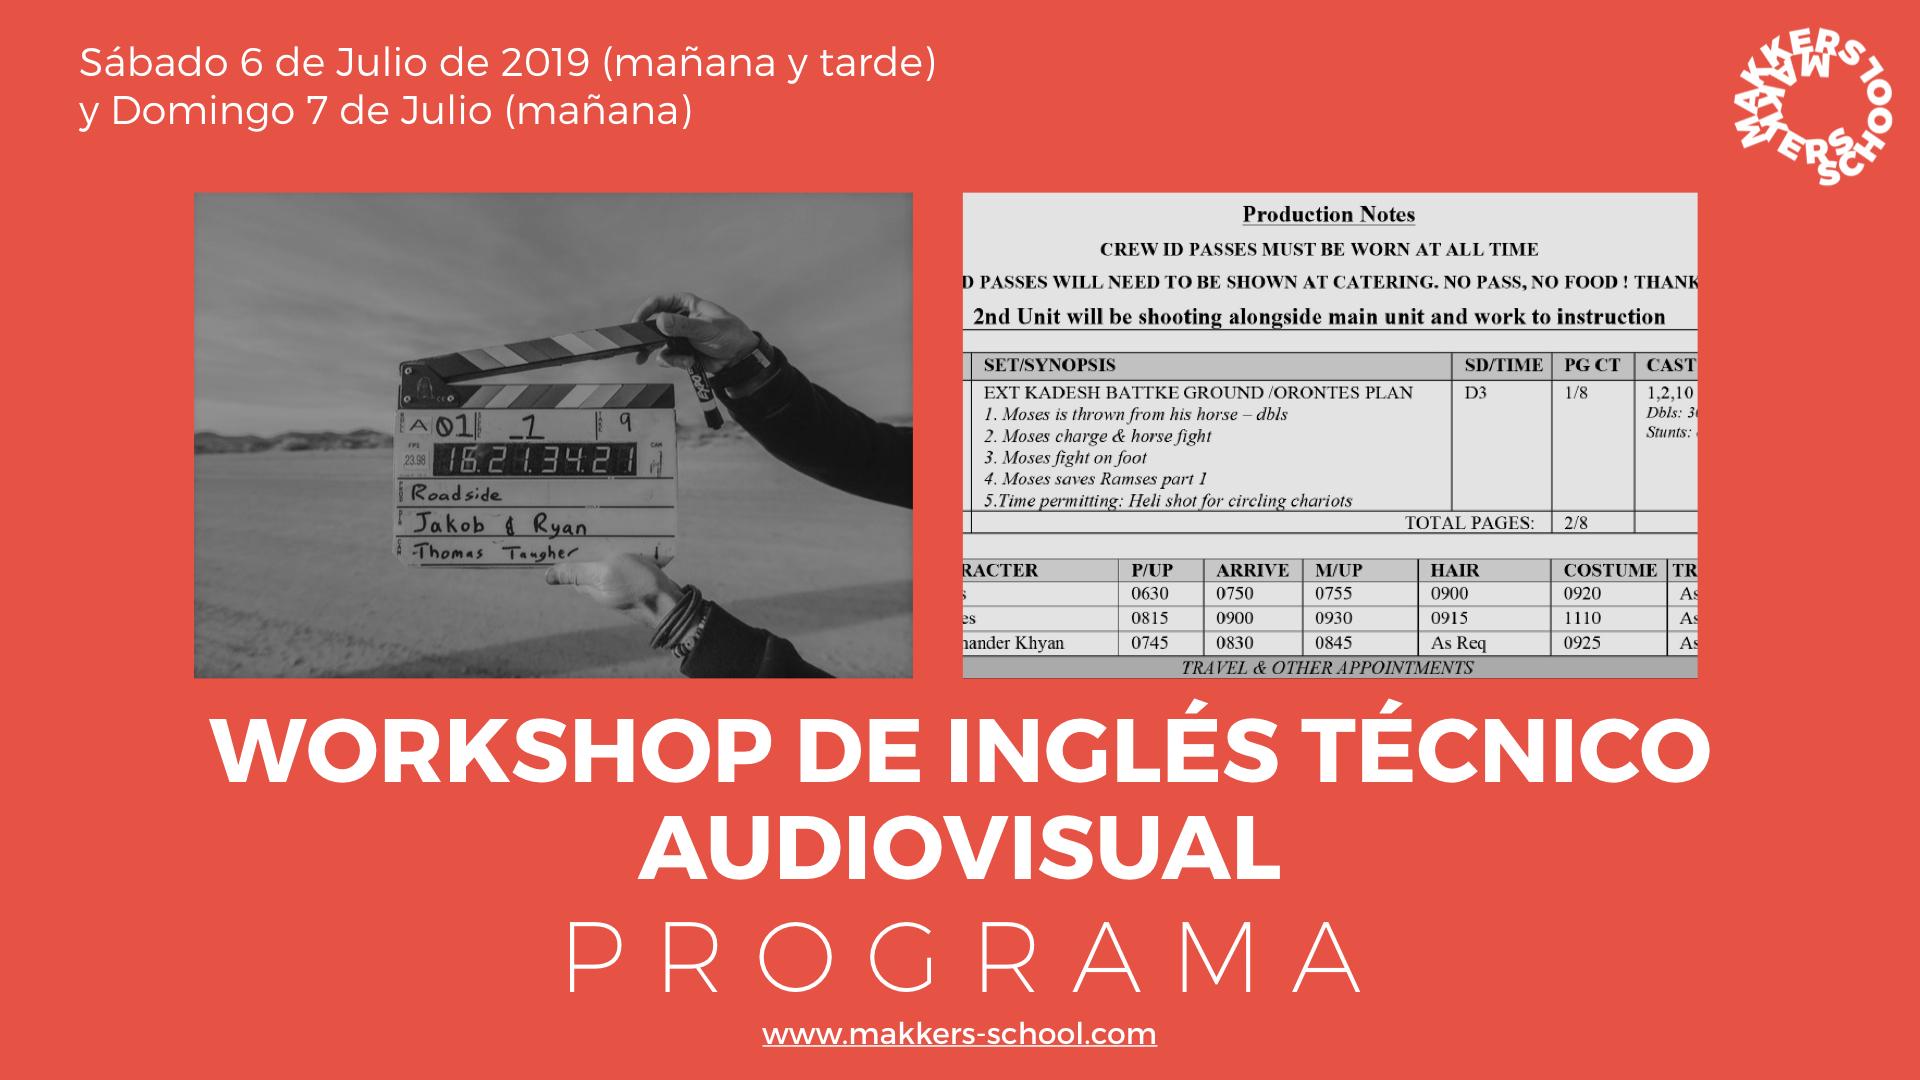 Workshop Inglés Audiovisual - Programa v1.001.jpeg